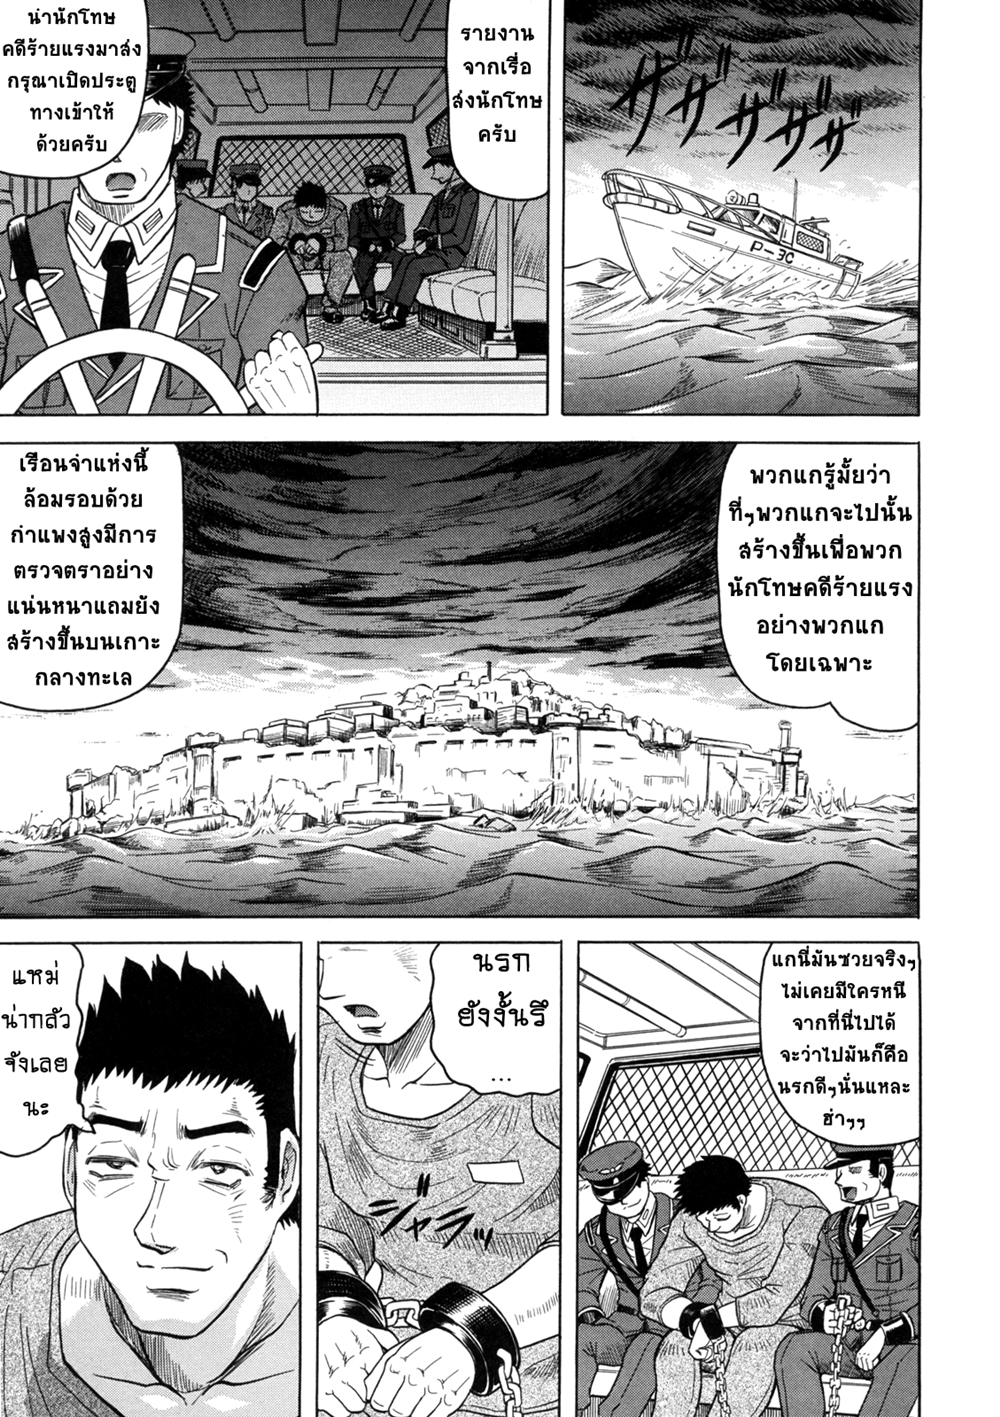 Kangokujima | คุกนรกกลางทะเล Ch. 1-3 [Thai ภาษาไทย] {(S)Kater}